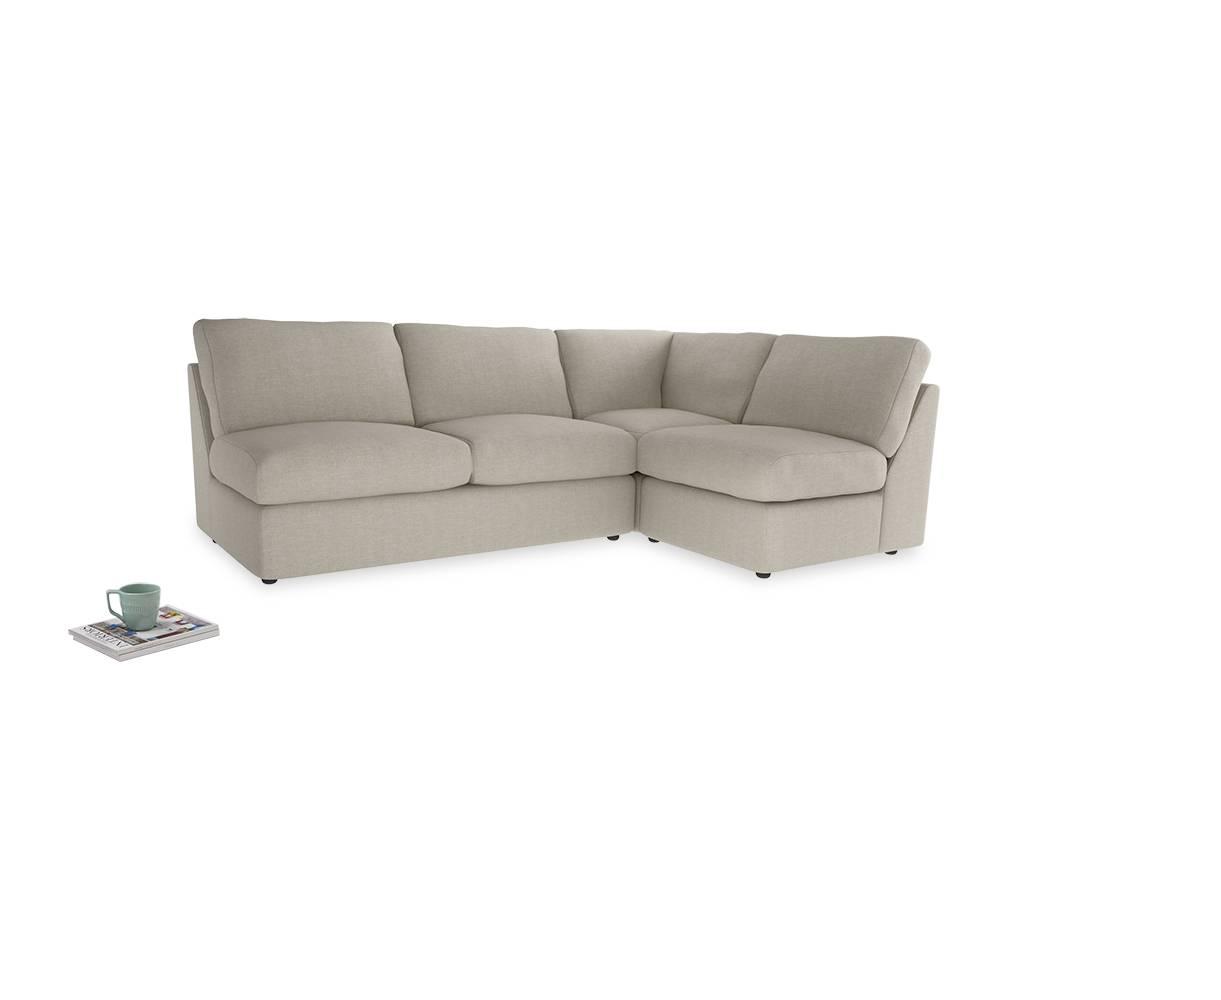 Chatnap Corner Sofa | Modular Storage Sofa | Loaf | Loaf regarding Modular Corner Sofas (Image 12 of 30)